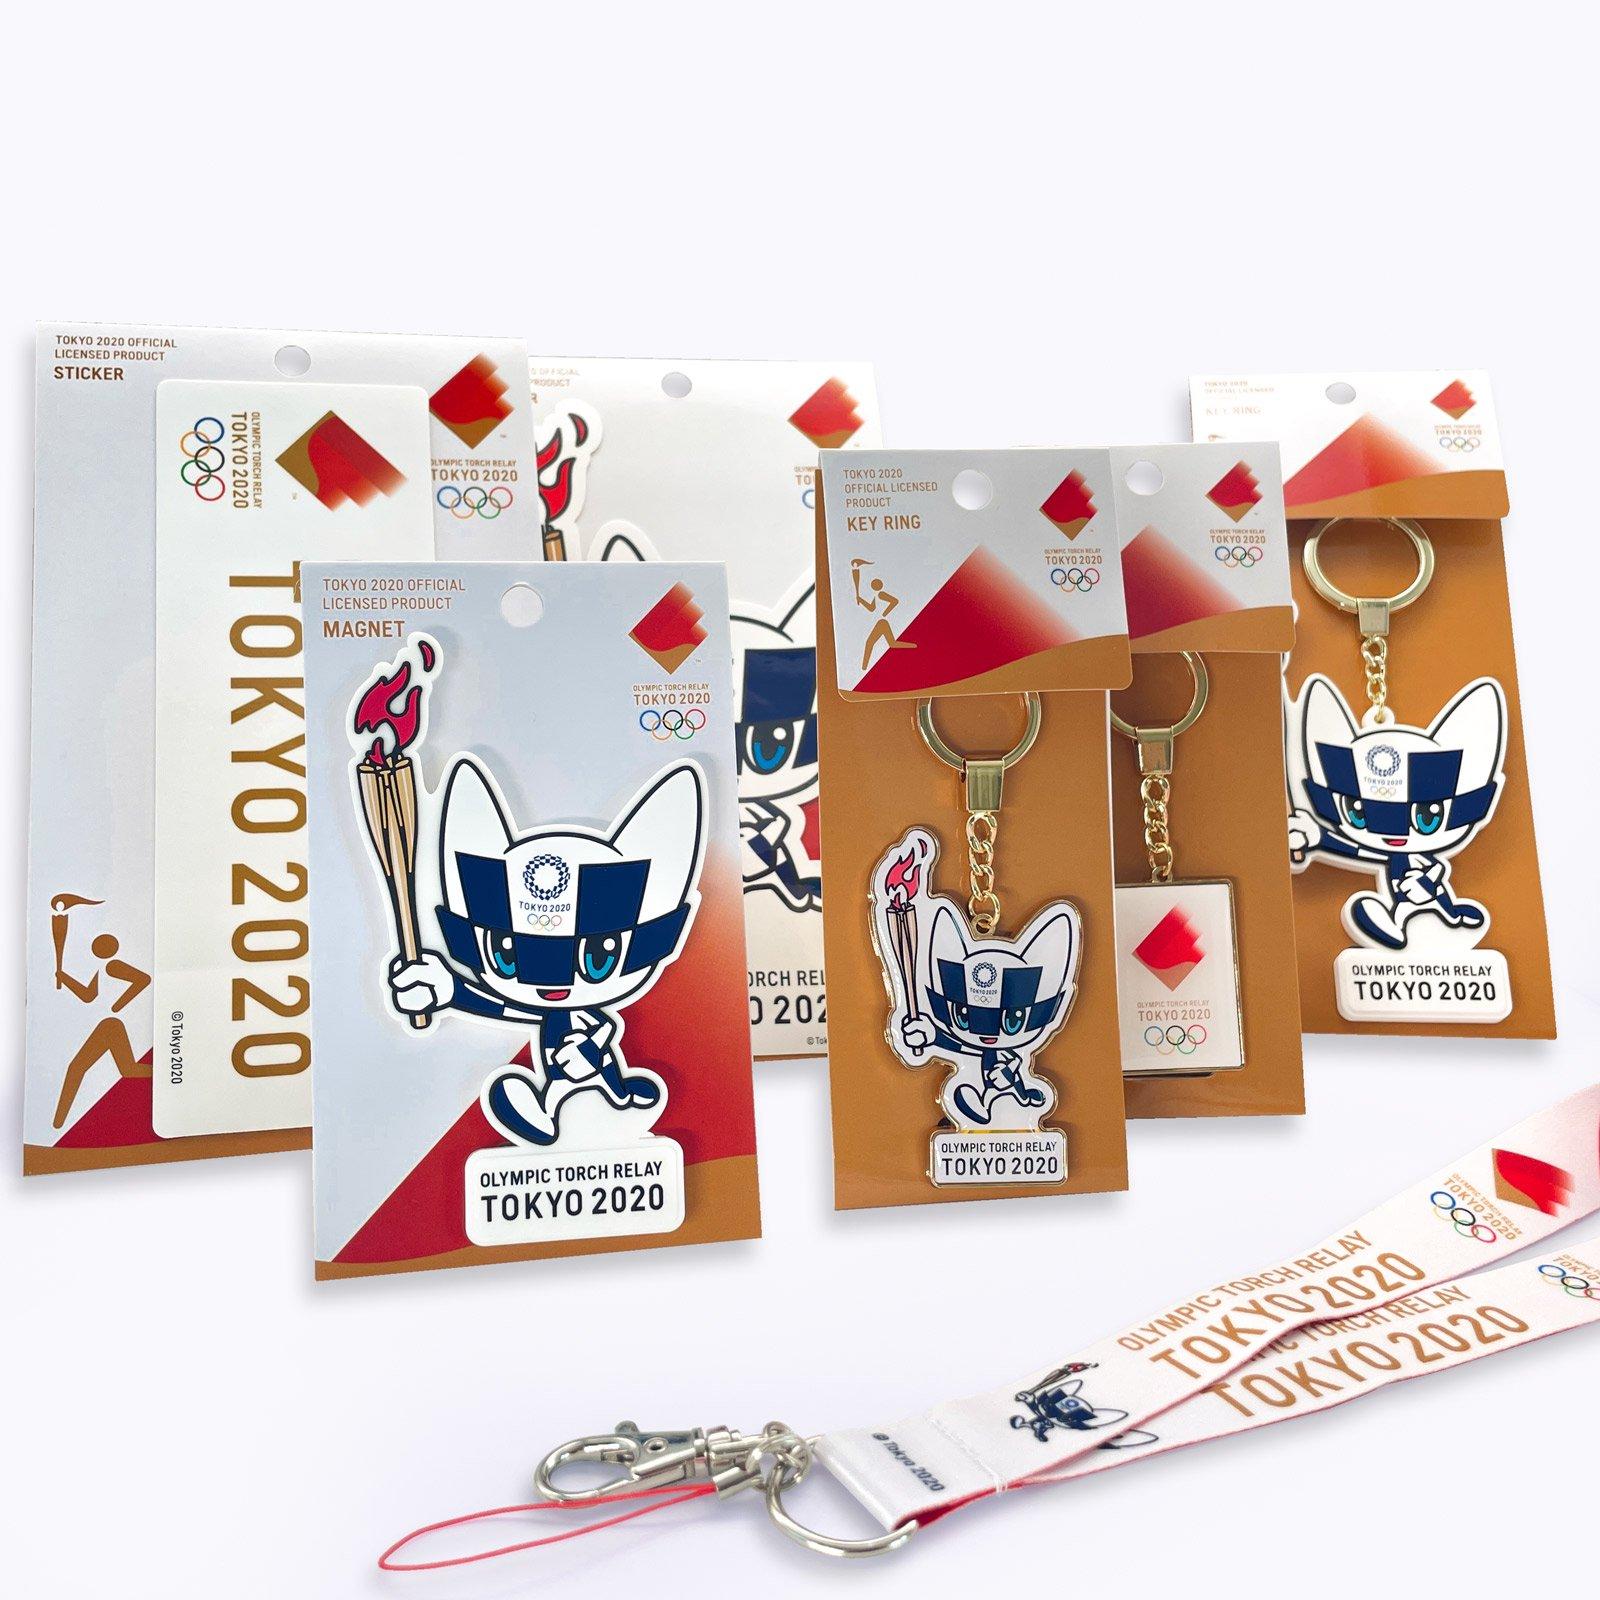 【セール価格】【お得なセット】東京2020オリンピック聖火リレー商品7種セット